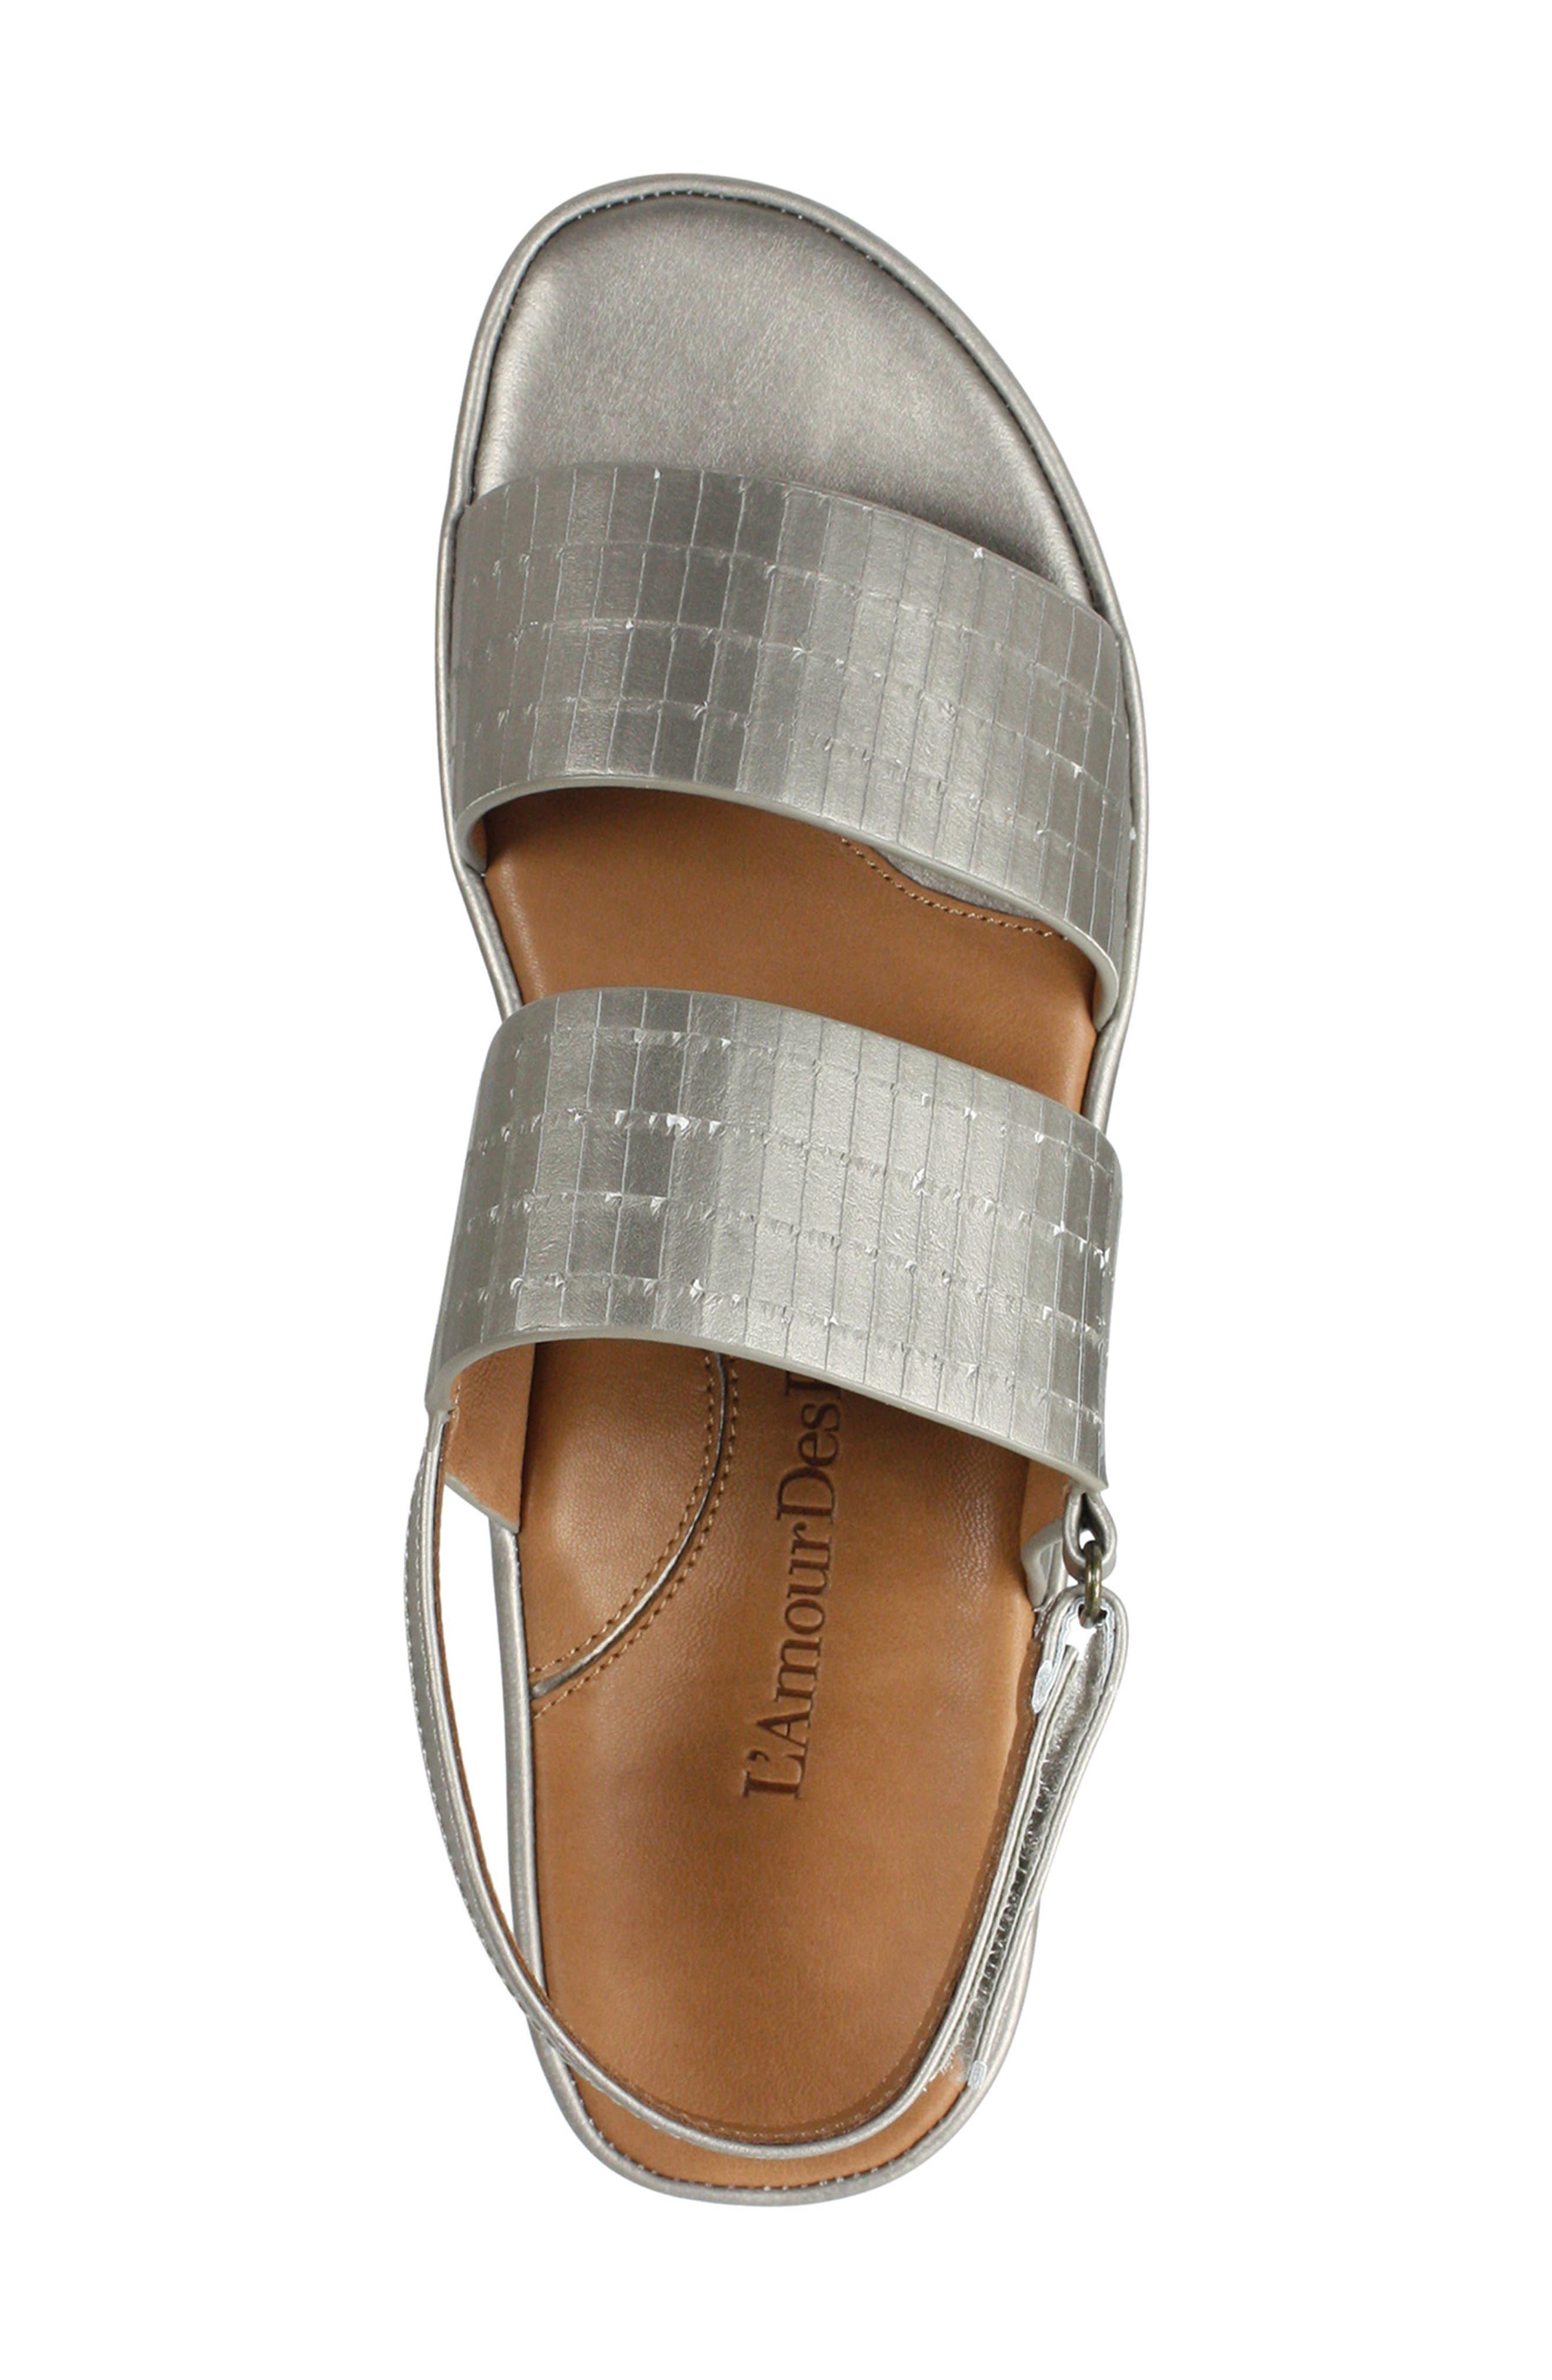 L'AMOUR DES PIEDS, Abruzzo Slingback Platform Wedge Sandal, Alternate thumbnail 4, color, PEARLIZED PLATINUM LEATHER